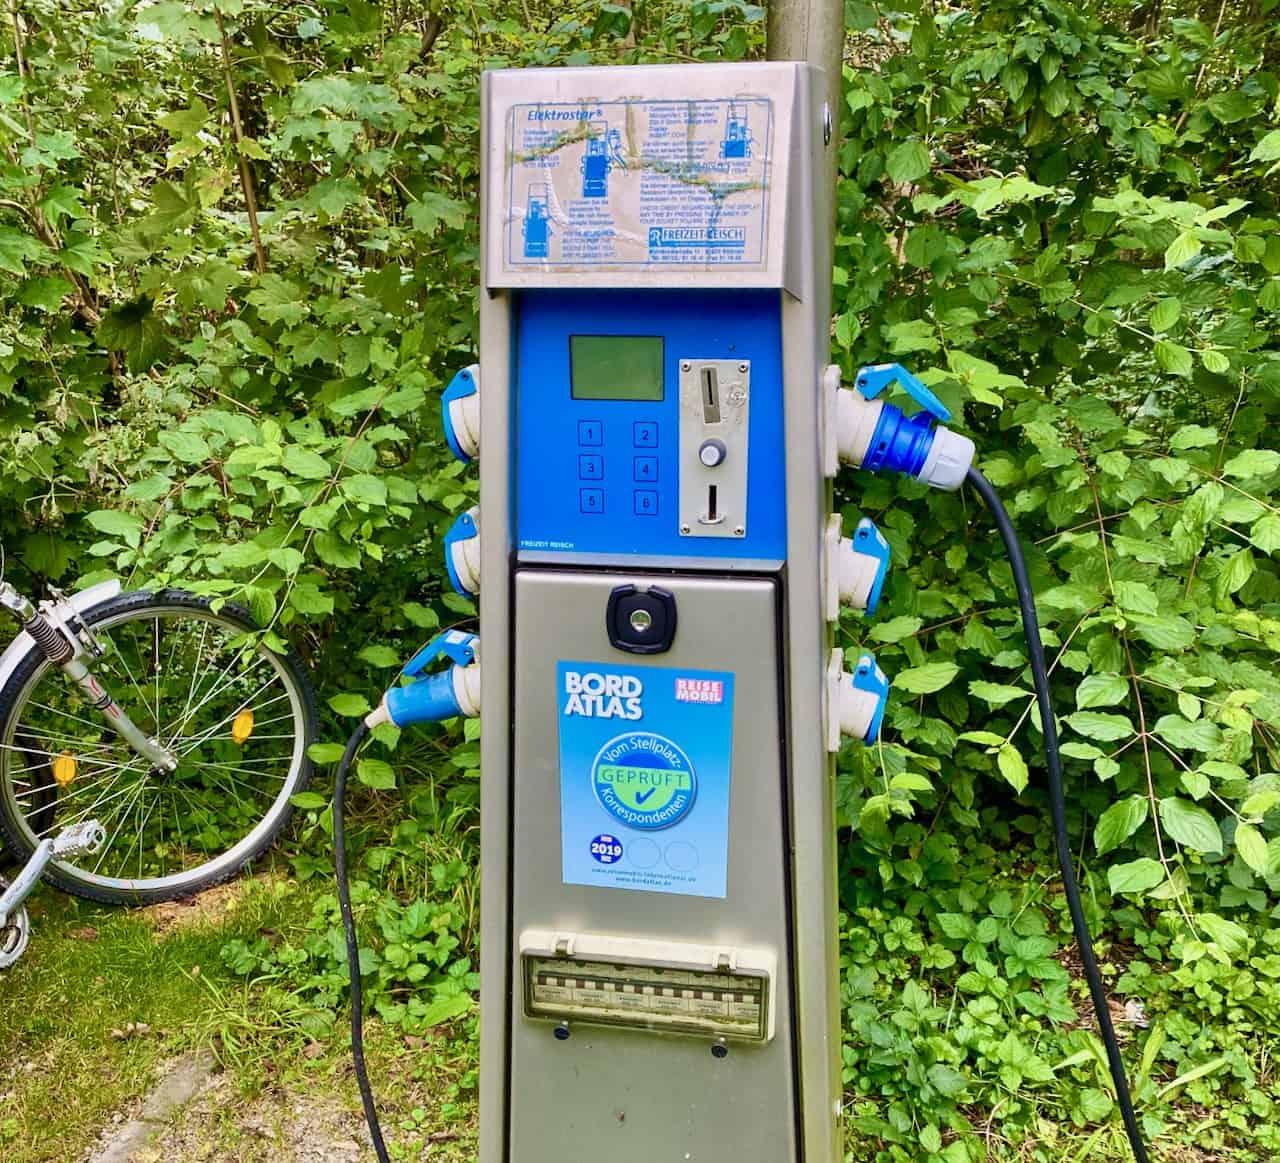 Stromsäule-Stromverbrauch-und-Stromkosten-Campingplatz-Stellplatz-Kosten-Kalkulieren